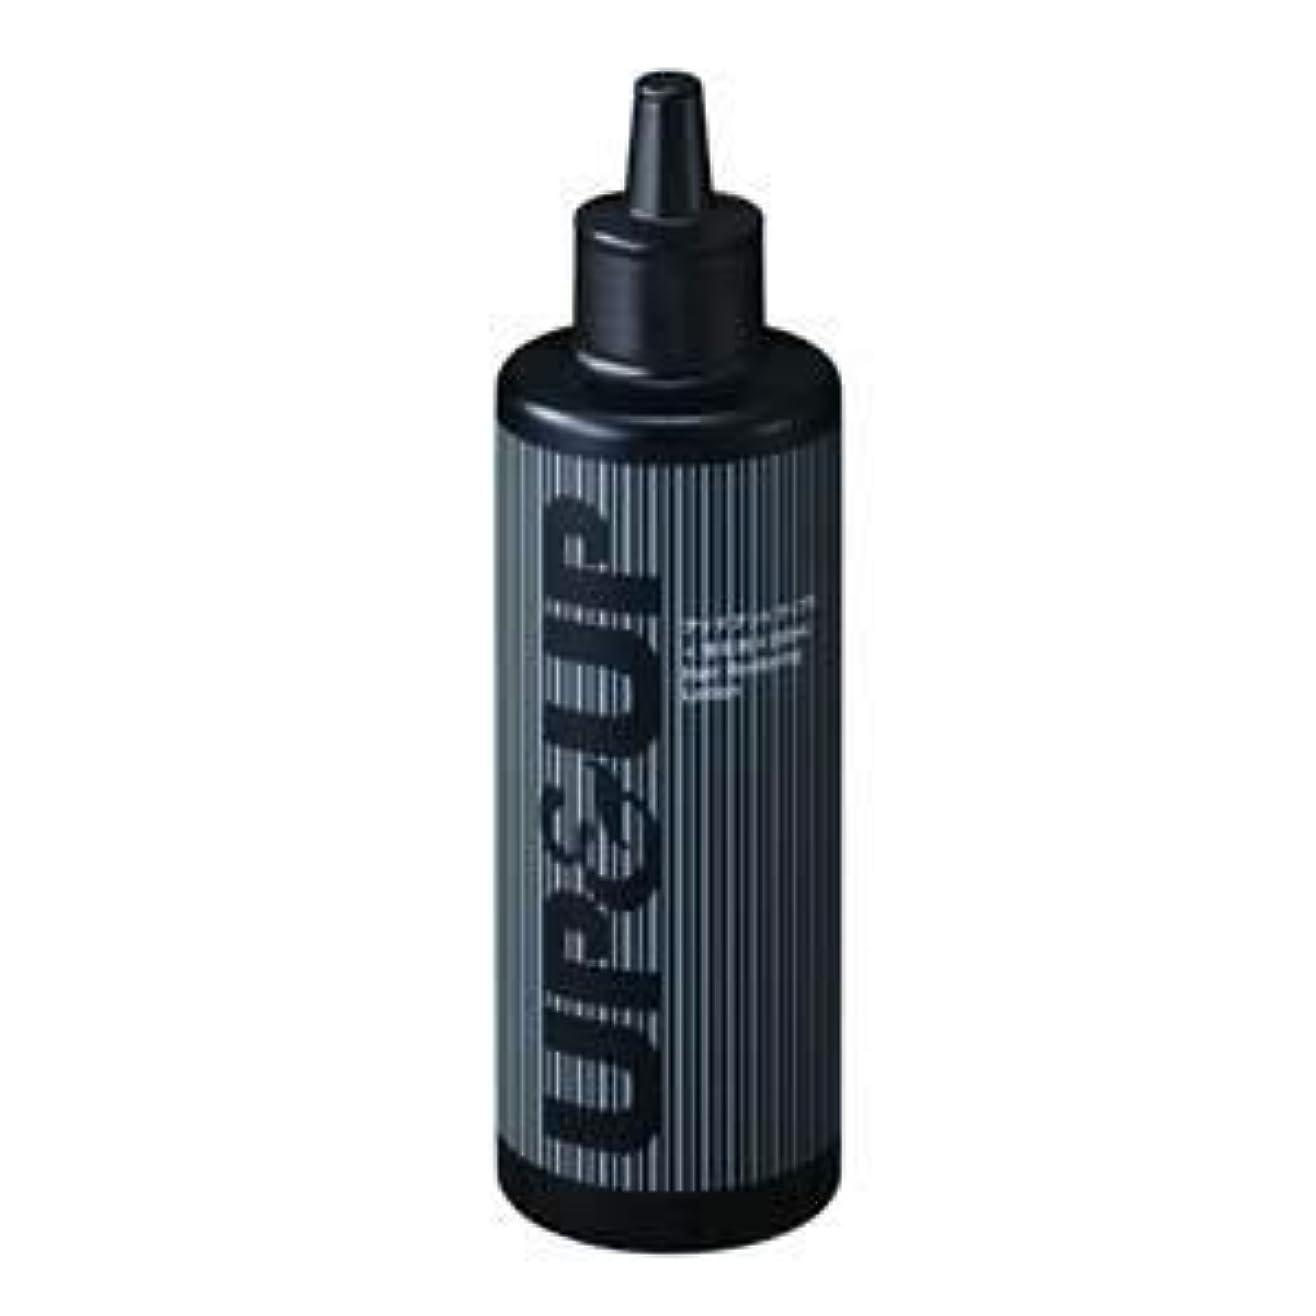 厚さライオン防ぐH+Bライフサイエンス アップ アンド アップ UP&UP S育毛剤 200mL